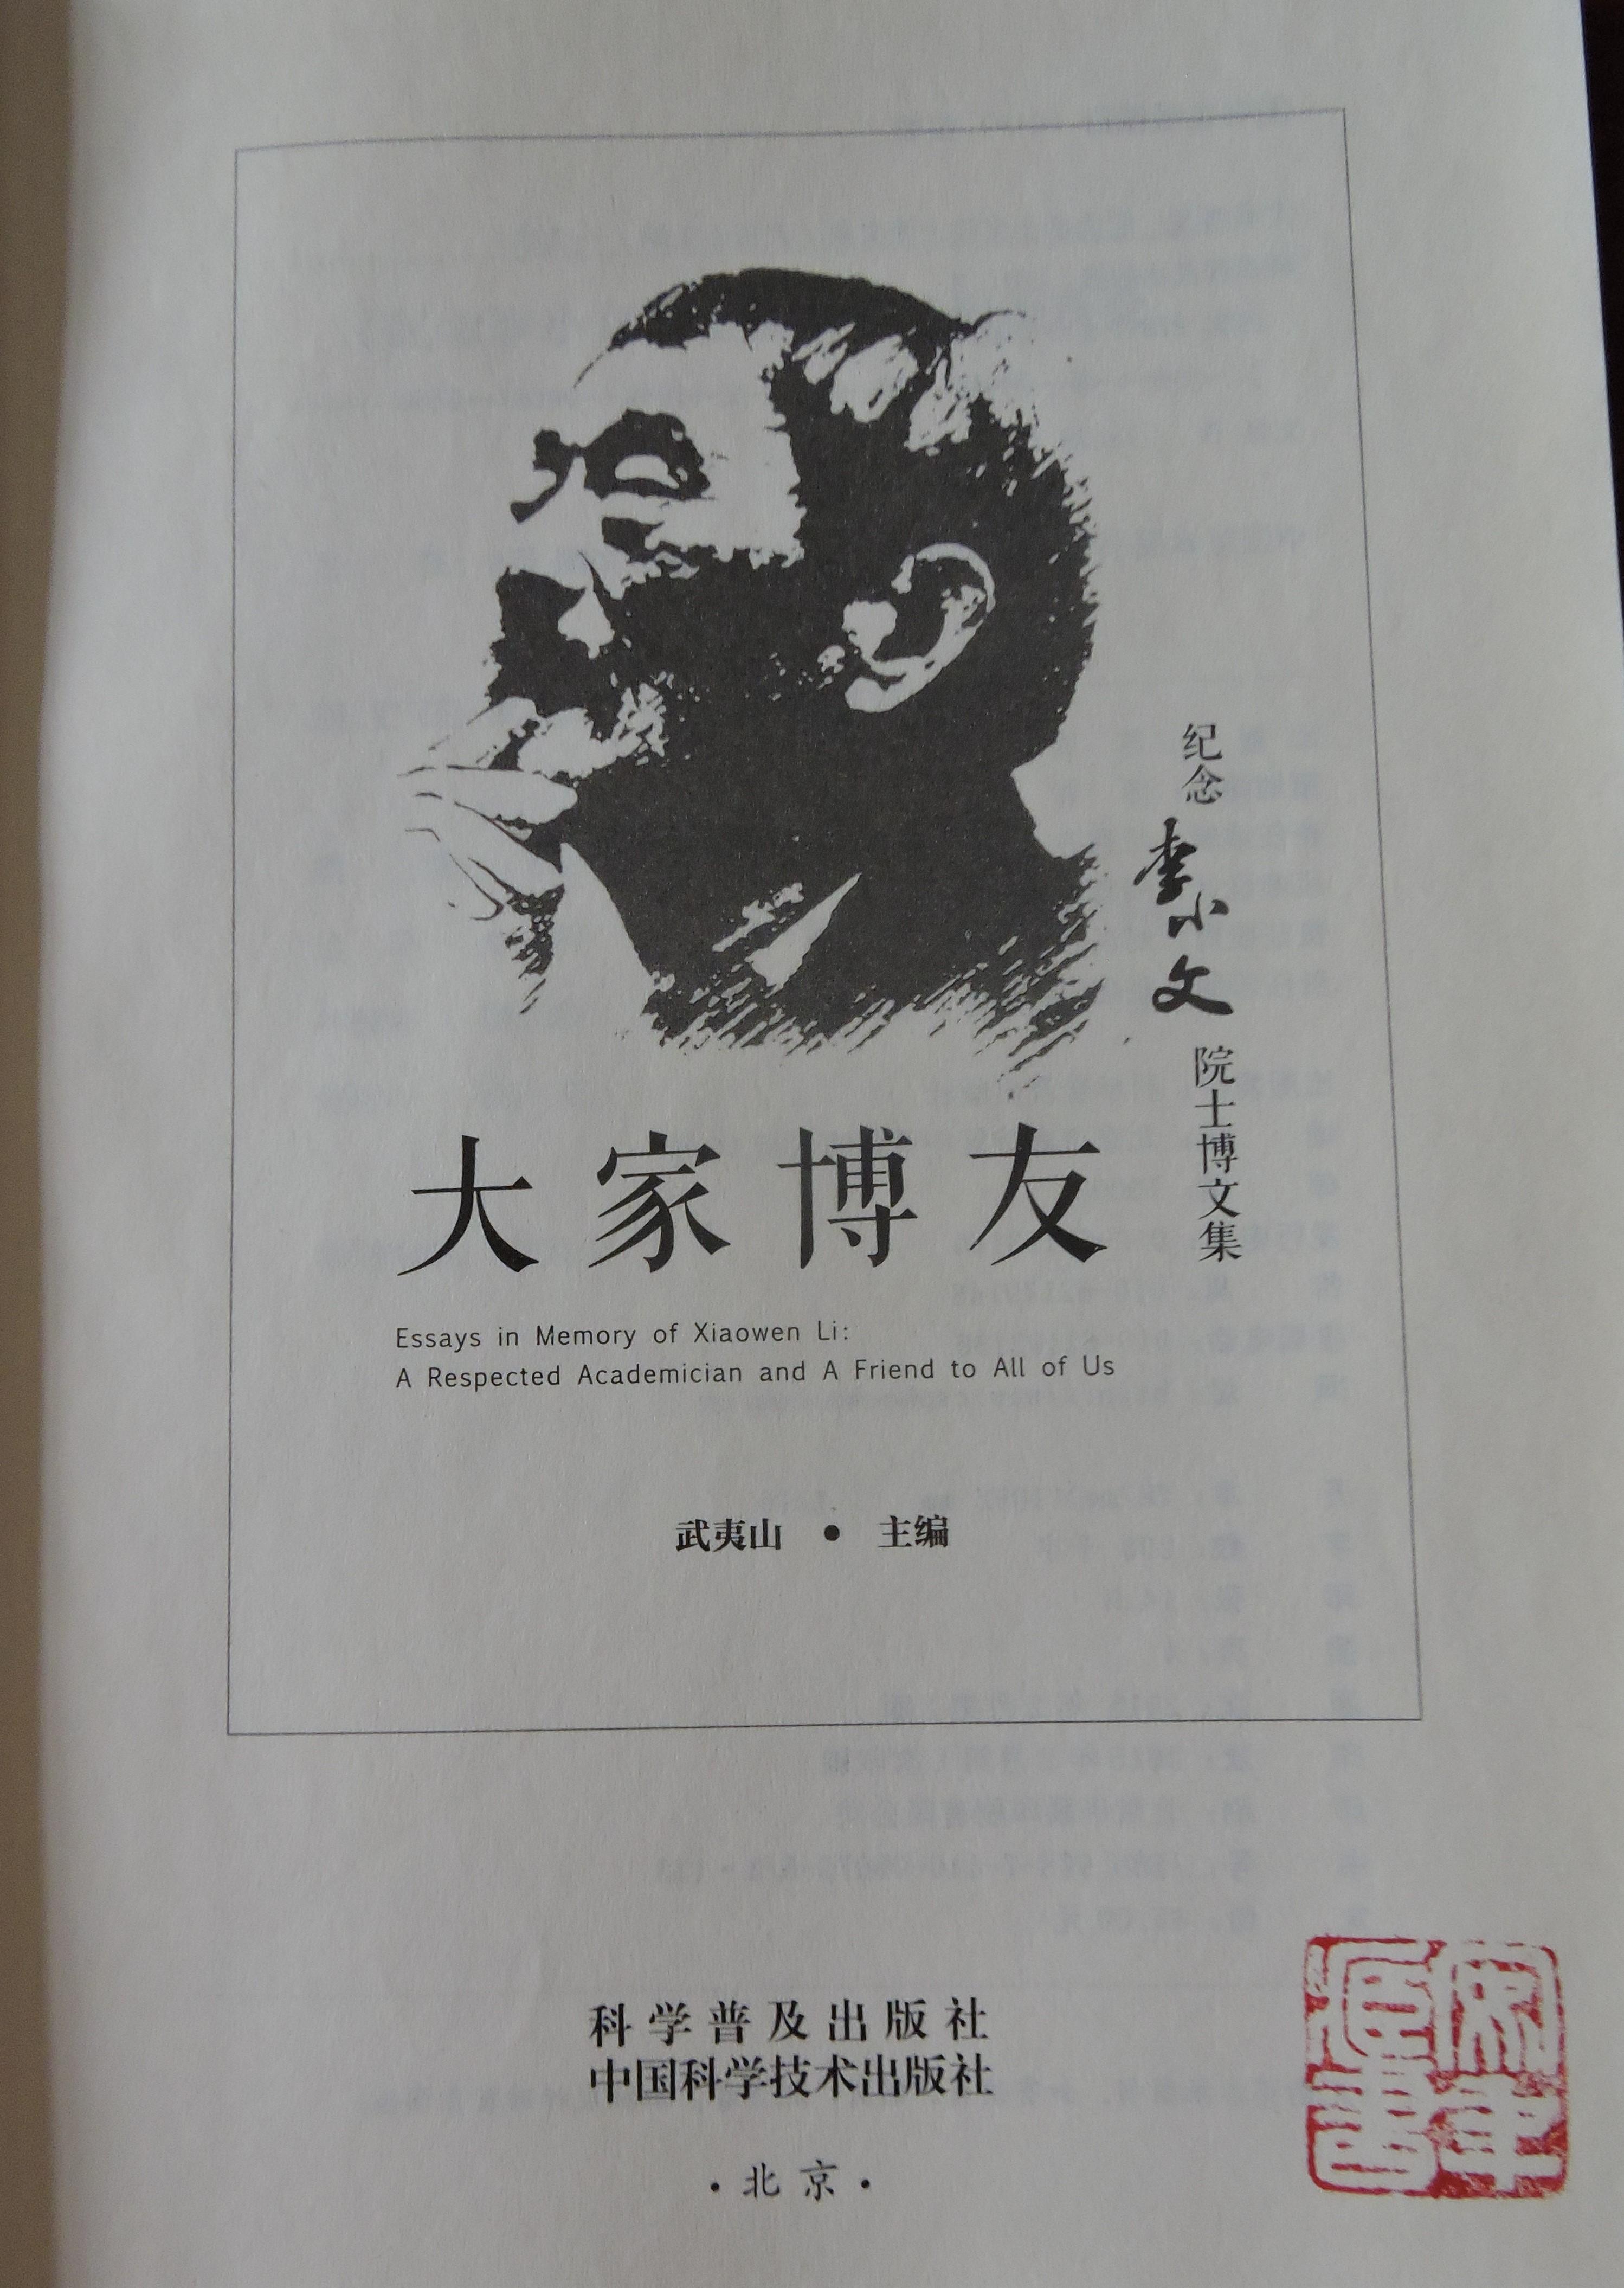 4 DSCN8678.jpg